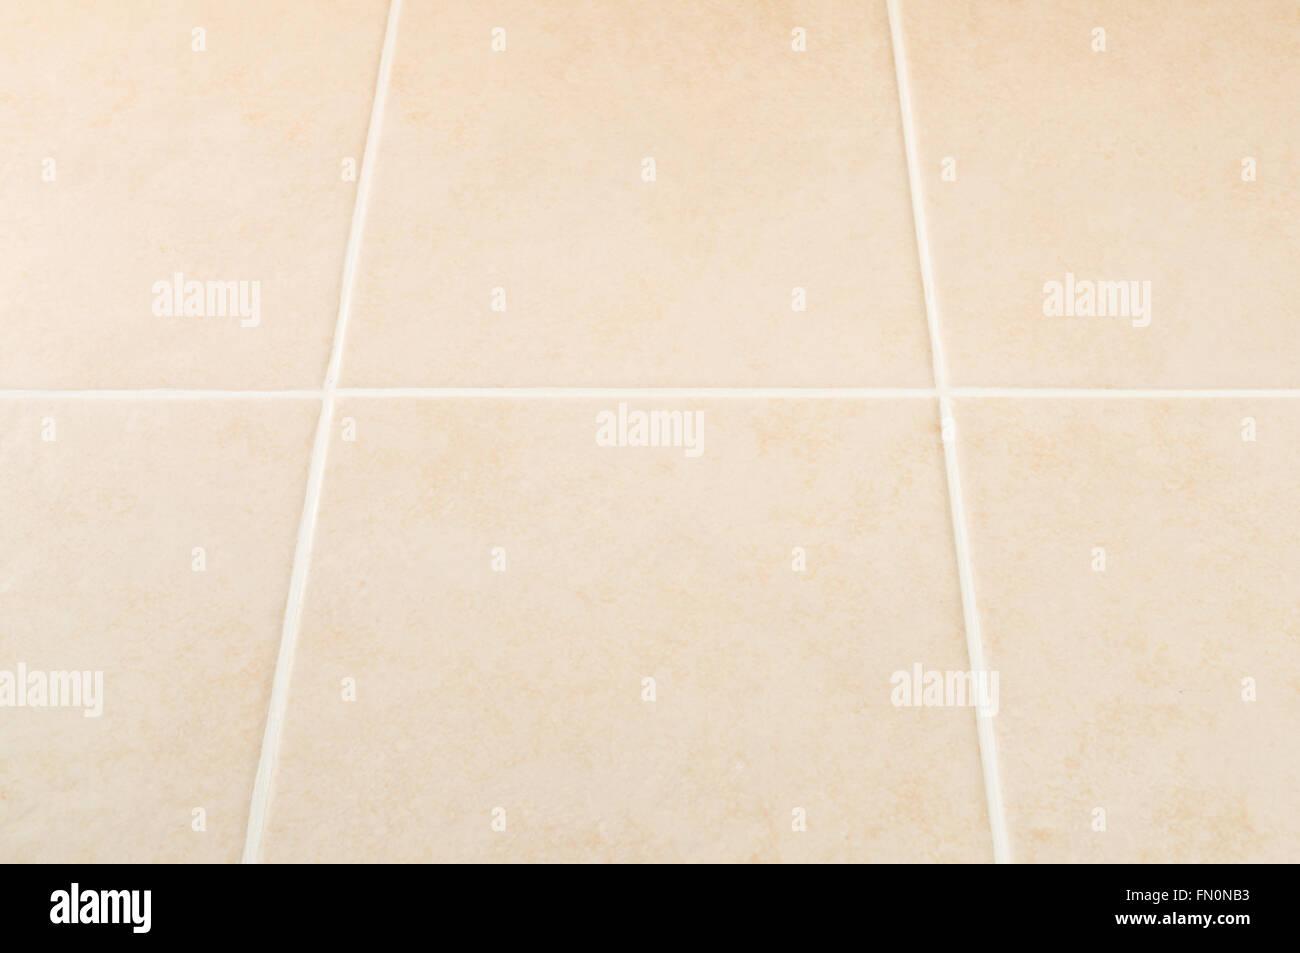 Creme Fliese Wand Mit Weissen Fugen Muster Perspektivische Ansicht